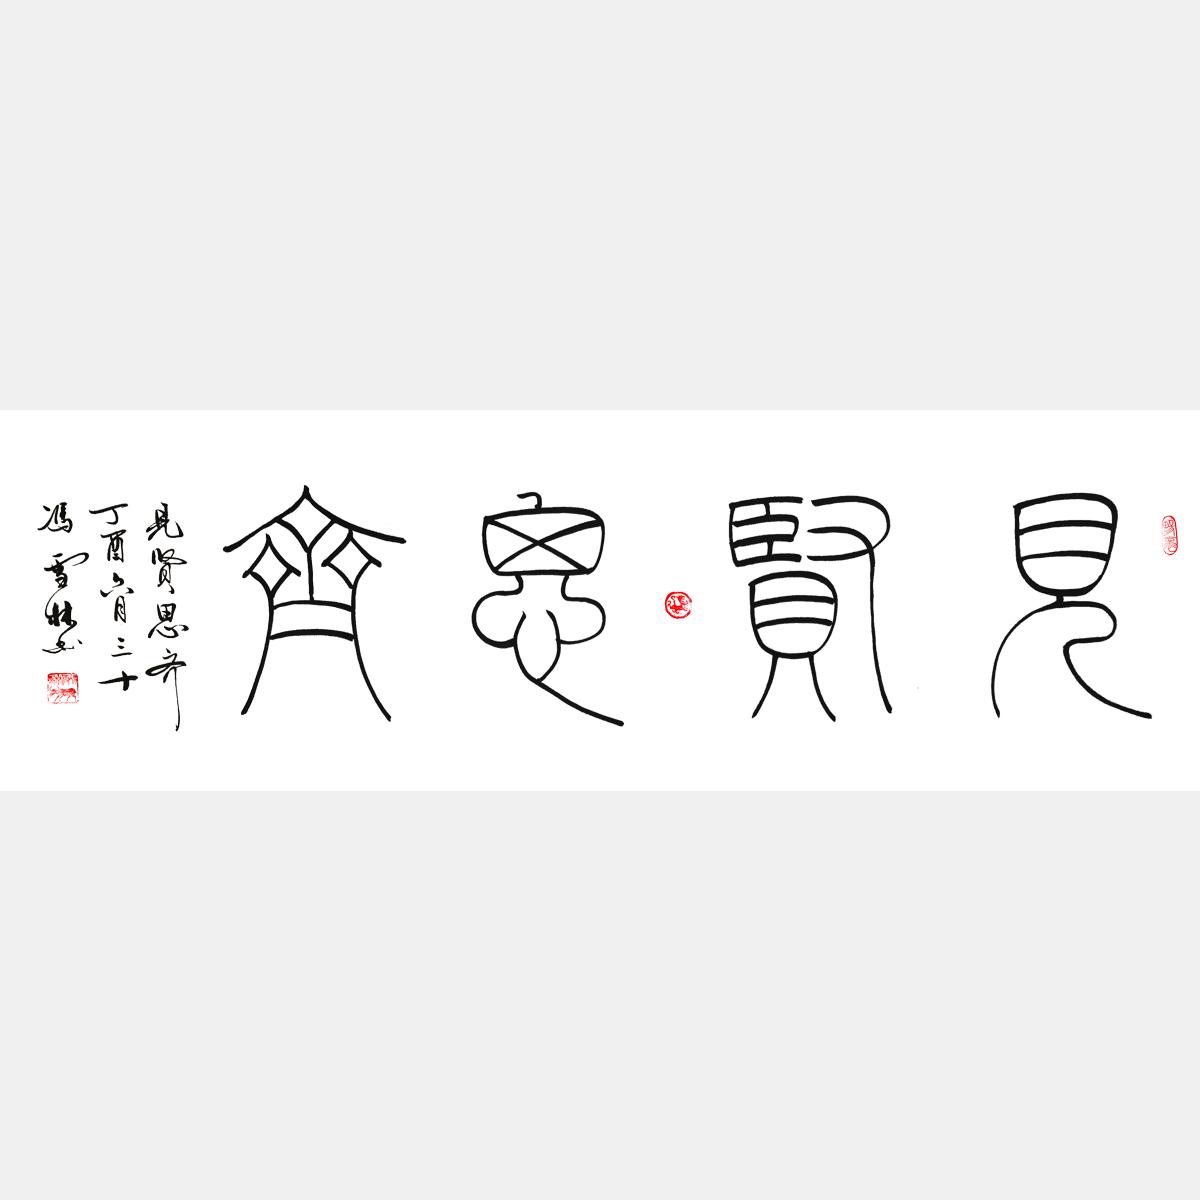 见贤思齐篆书书法作品 铁线篆书法字画 四尺横幅